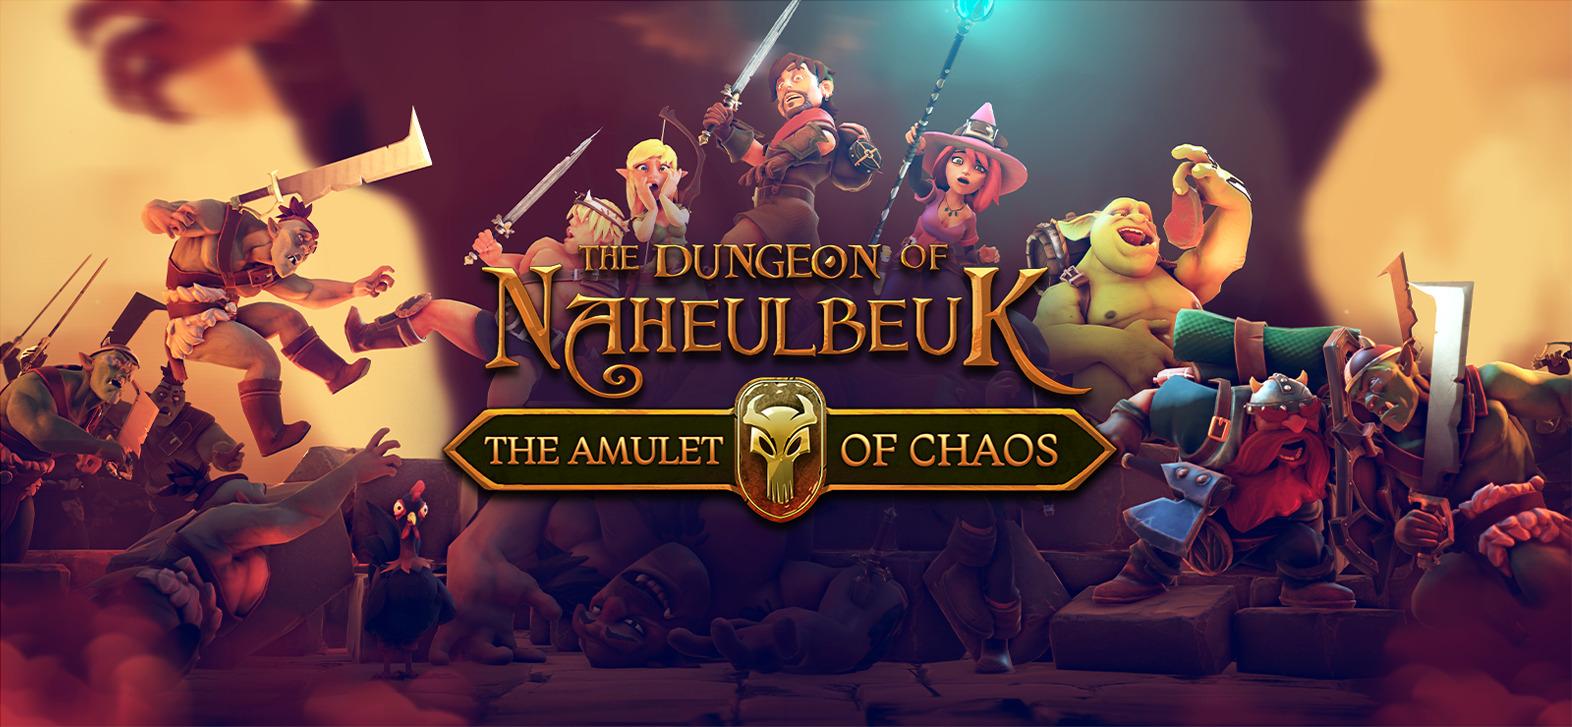 Le Donjon de Naheulbeuk : L'amulette du Désordre sur PC (Dématérialisé - Store RU via VPN)